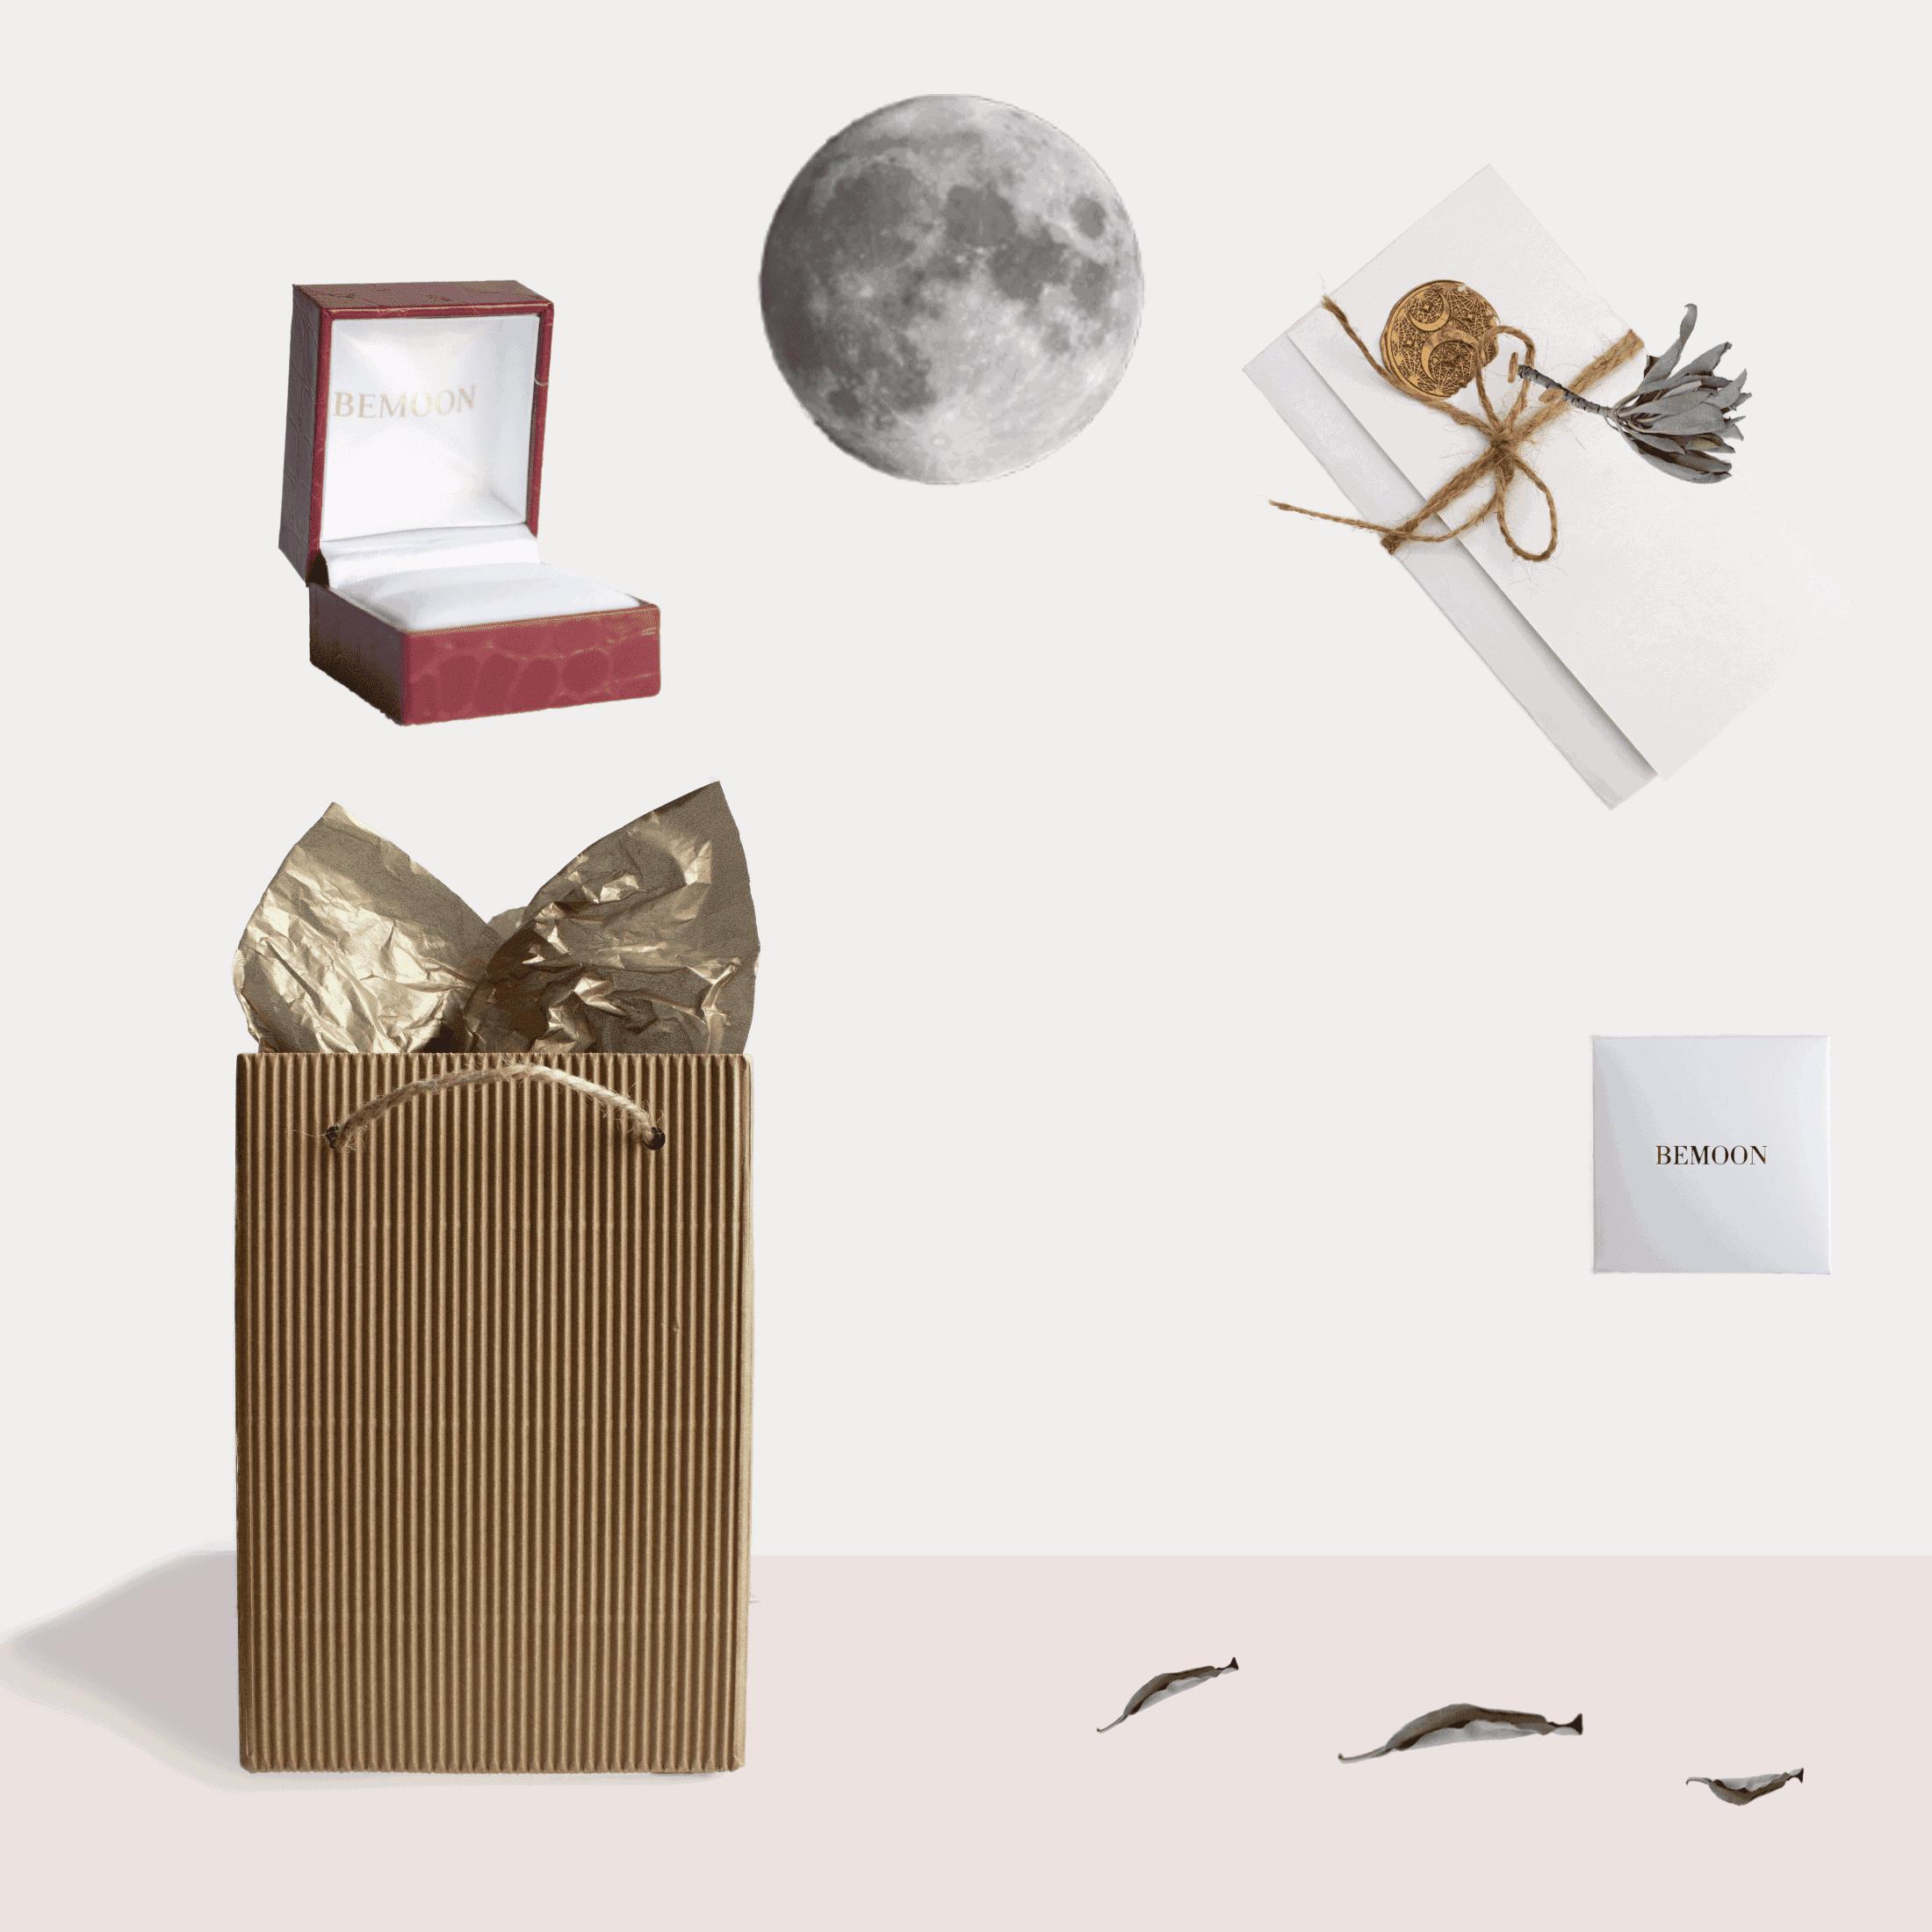 Opakowanie pierścionka zaręczynowego. Grafika pokazuje sposób pakowania ekologicznego biżuterii autorskiej.